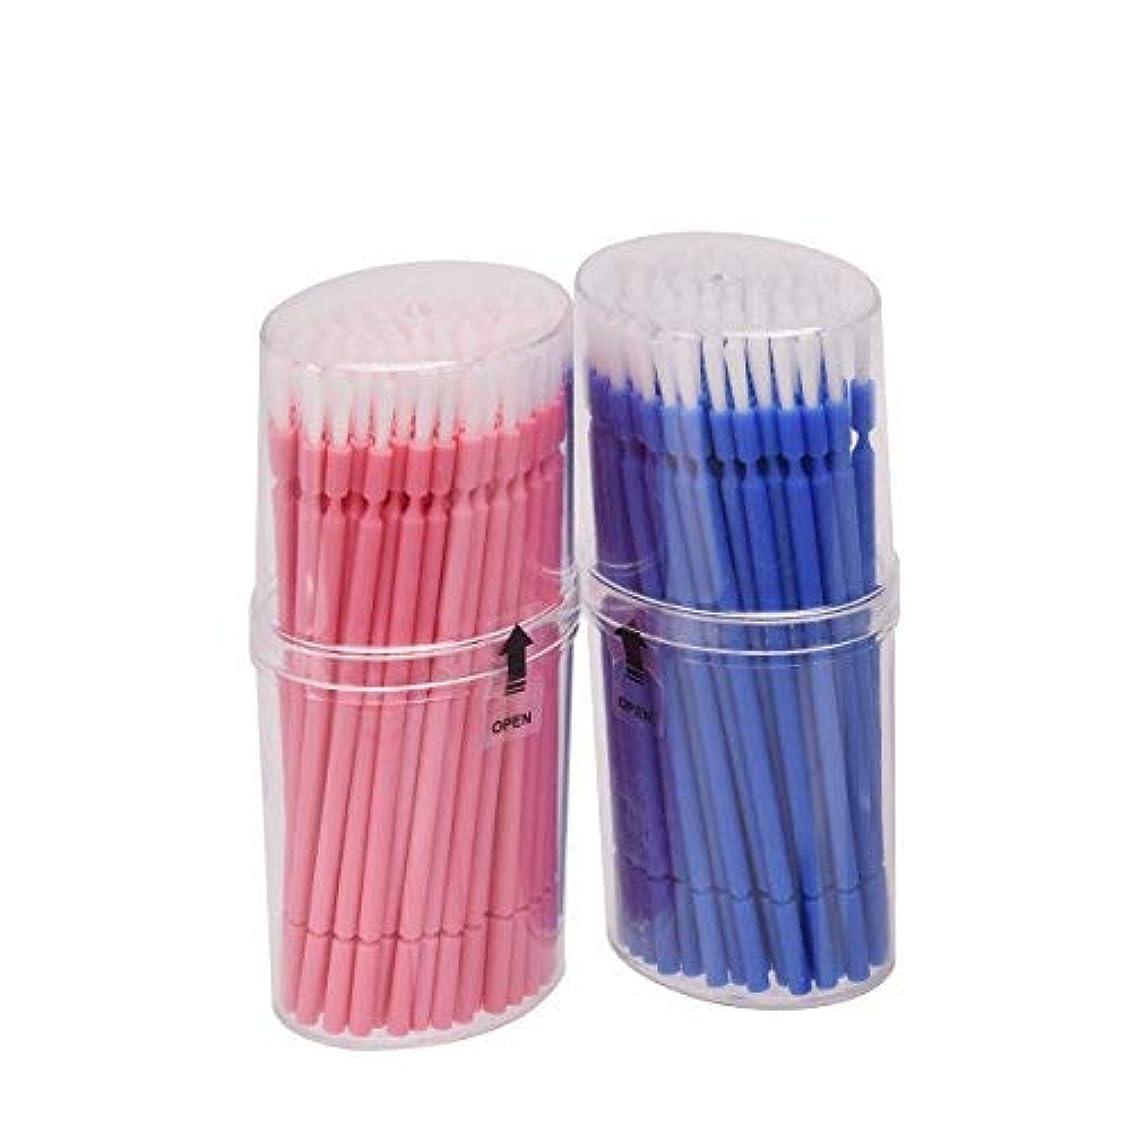 それら専門化する大混乱マイクブラシ 歯科ブラシ 精密機器の細部の清掃など 幅広く使える 使い捨て 4 * 100=400本入り Annhua